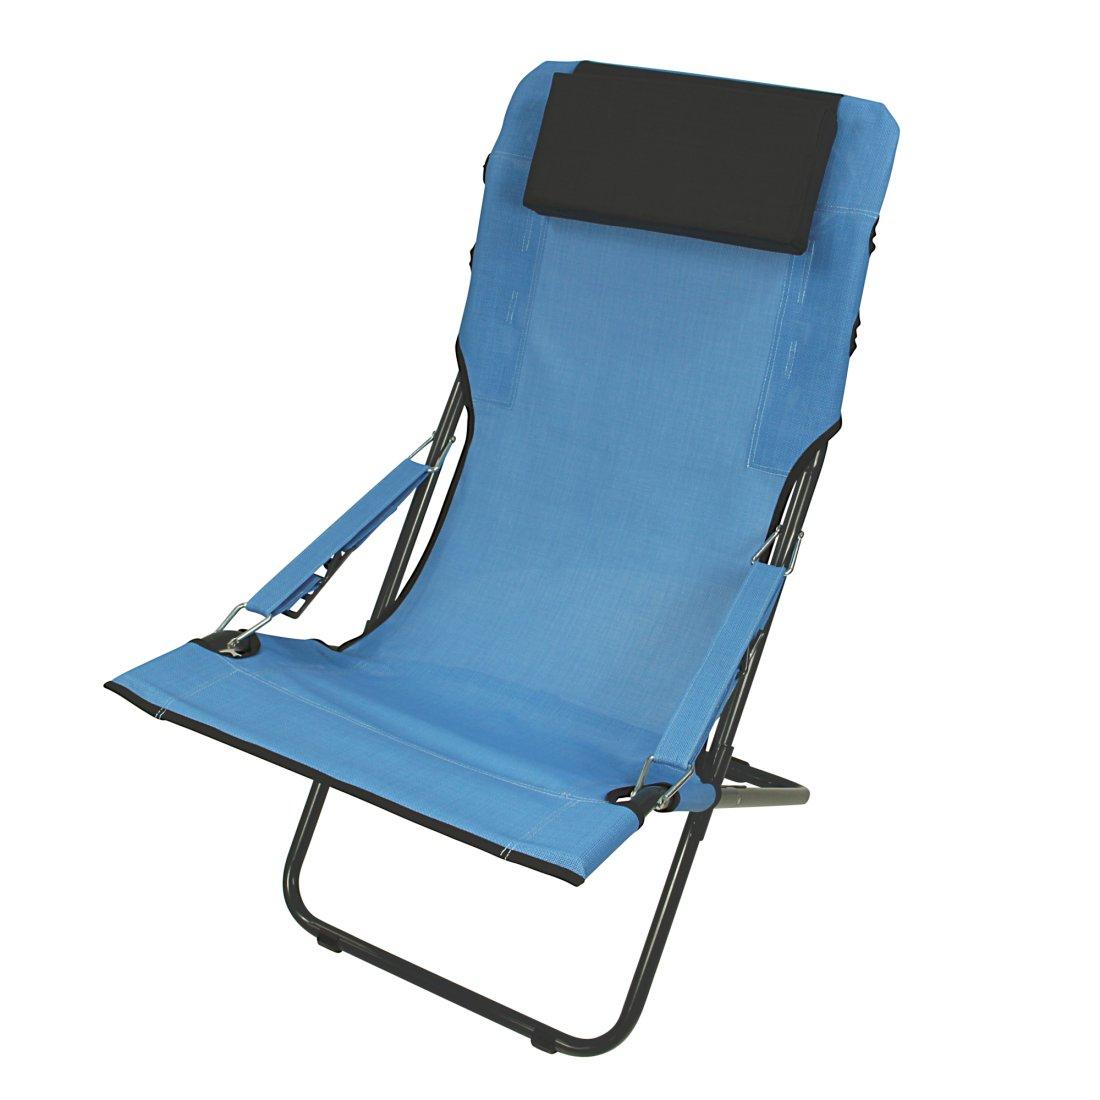 CampingChaise RéglagesPliable5800g Fridani Rcb Siège Plein De Jardin Tête RembourréQuadruple Mobilier Air Appui Avec Chaises 100 cTK3FJl1